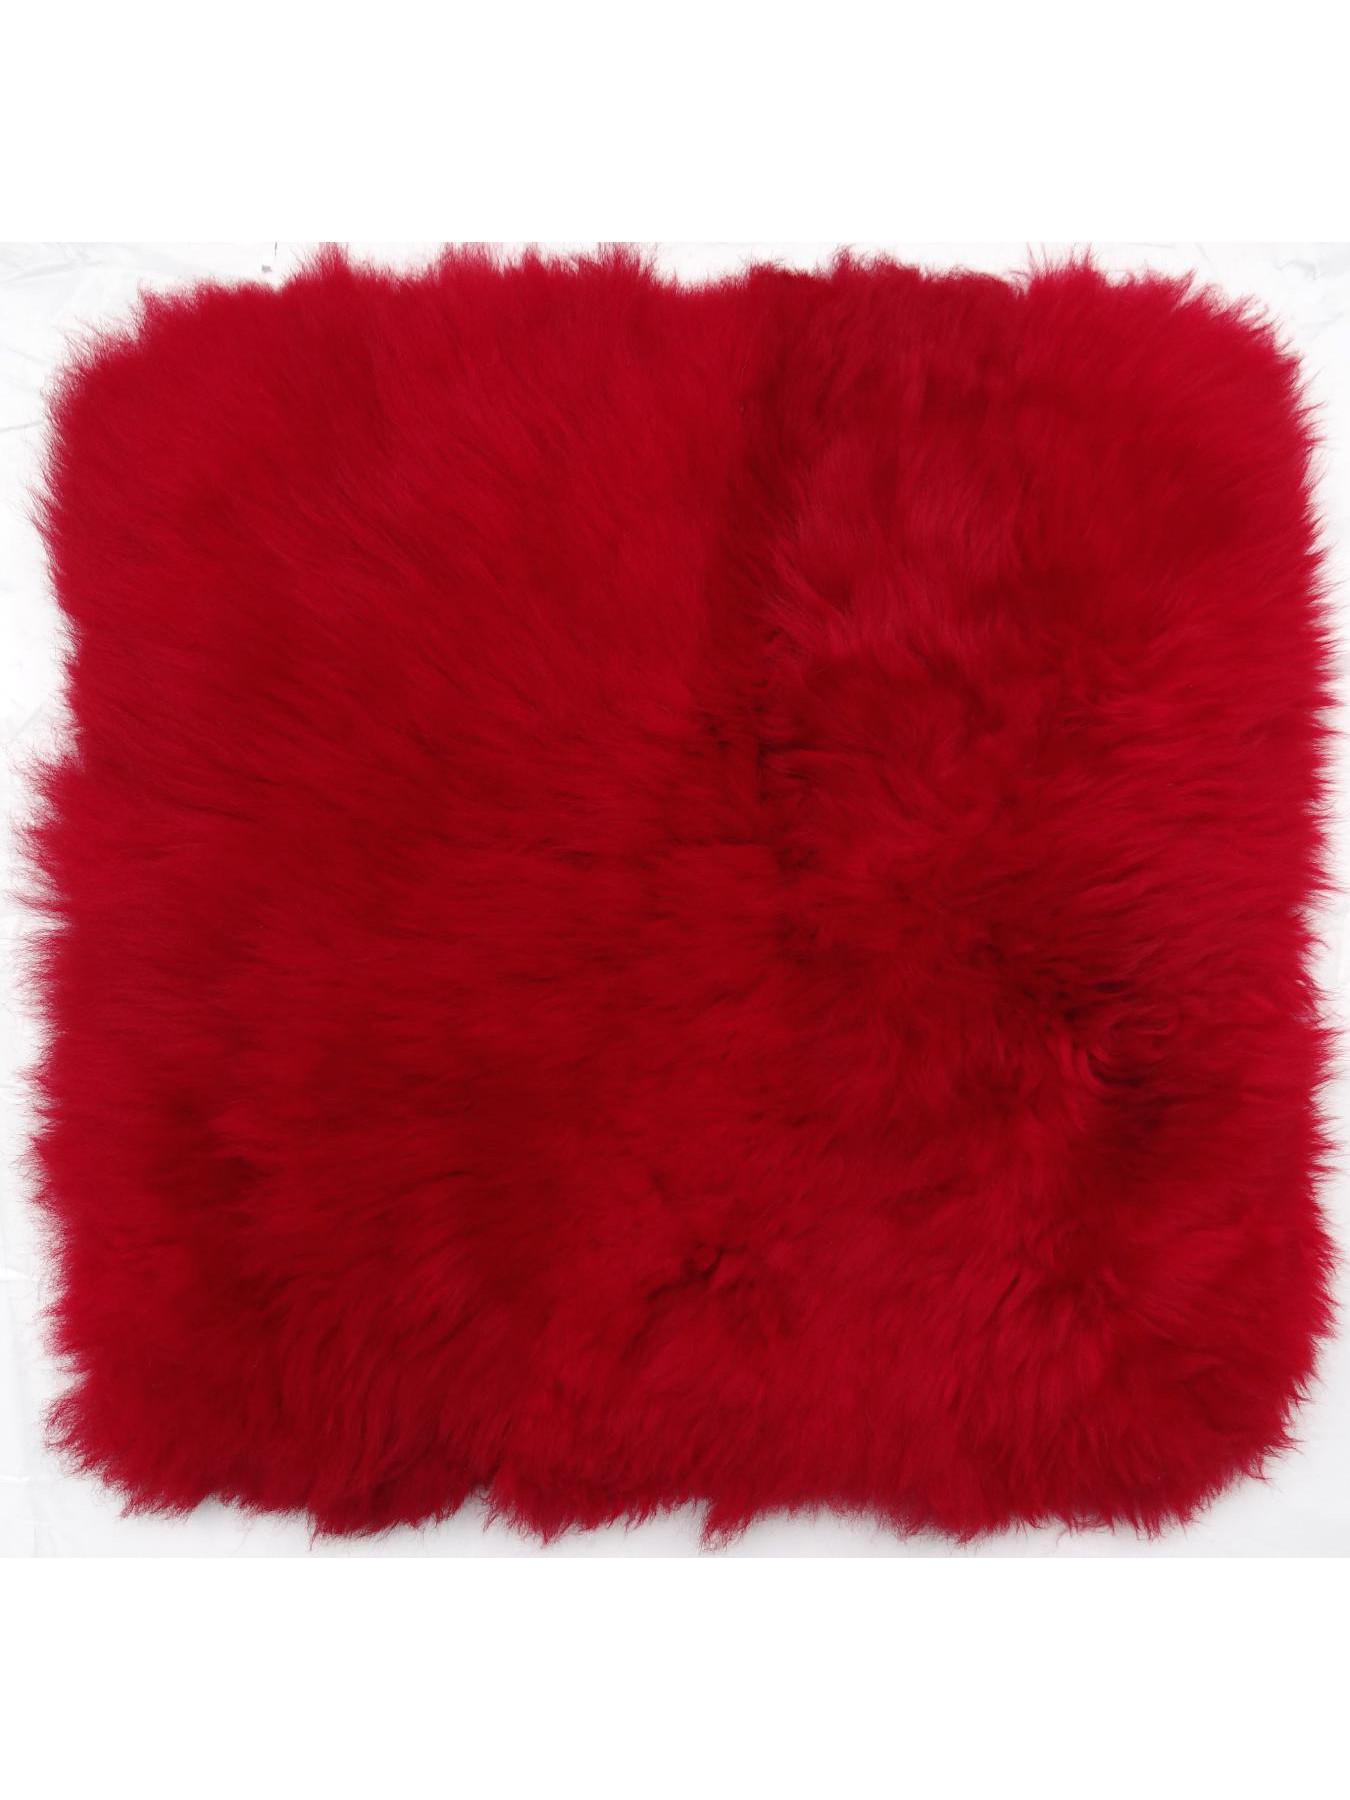 Coussins en peau de mouton - Caresse-coussin peau de mouton rouge